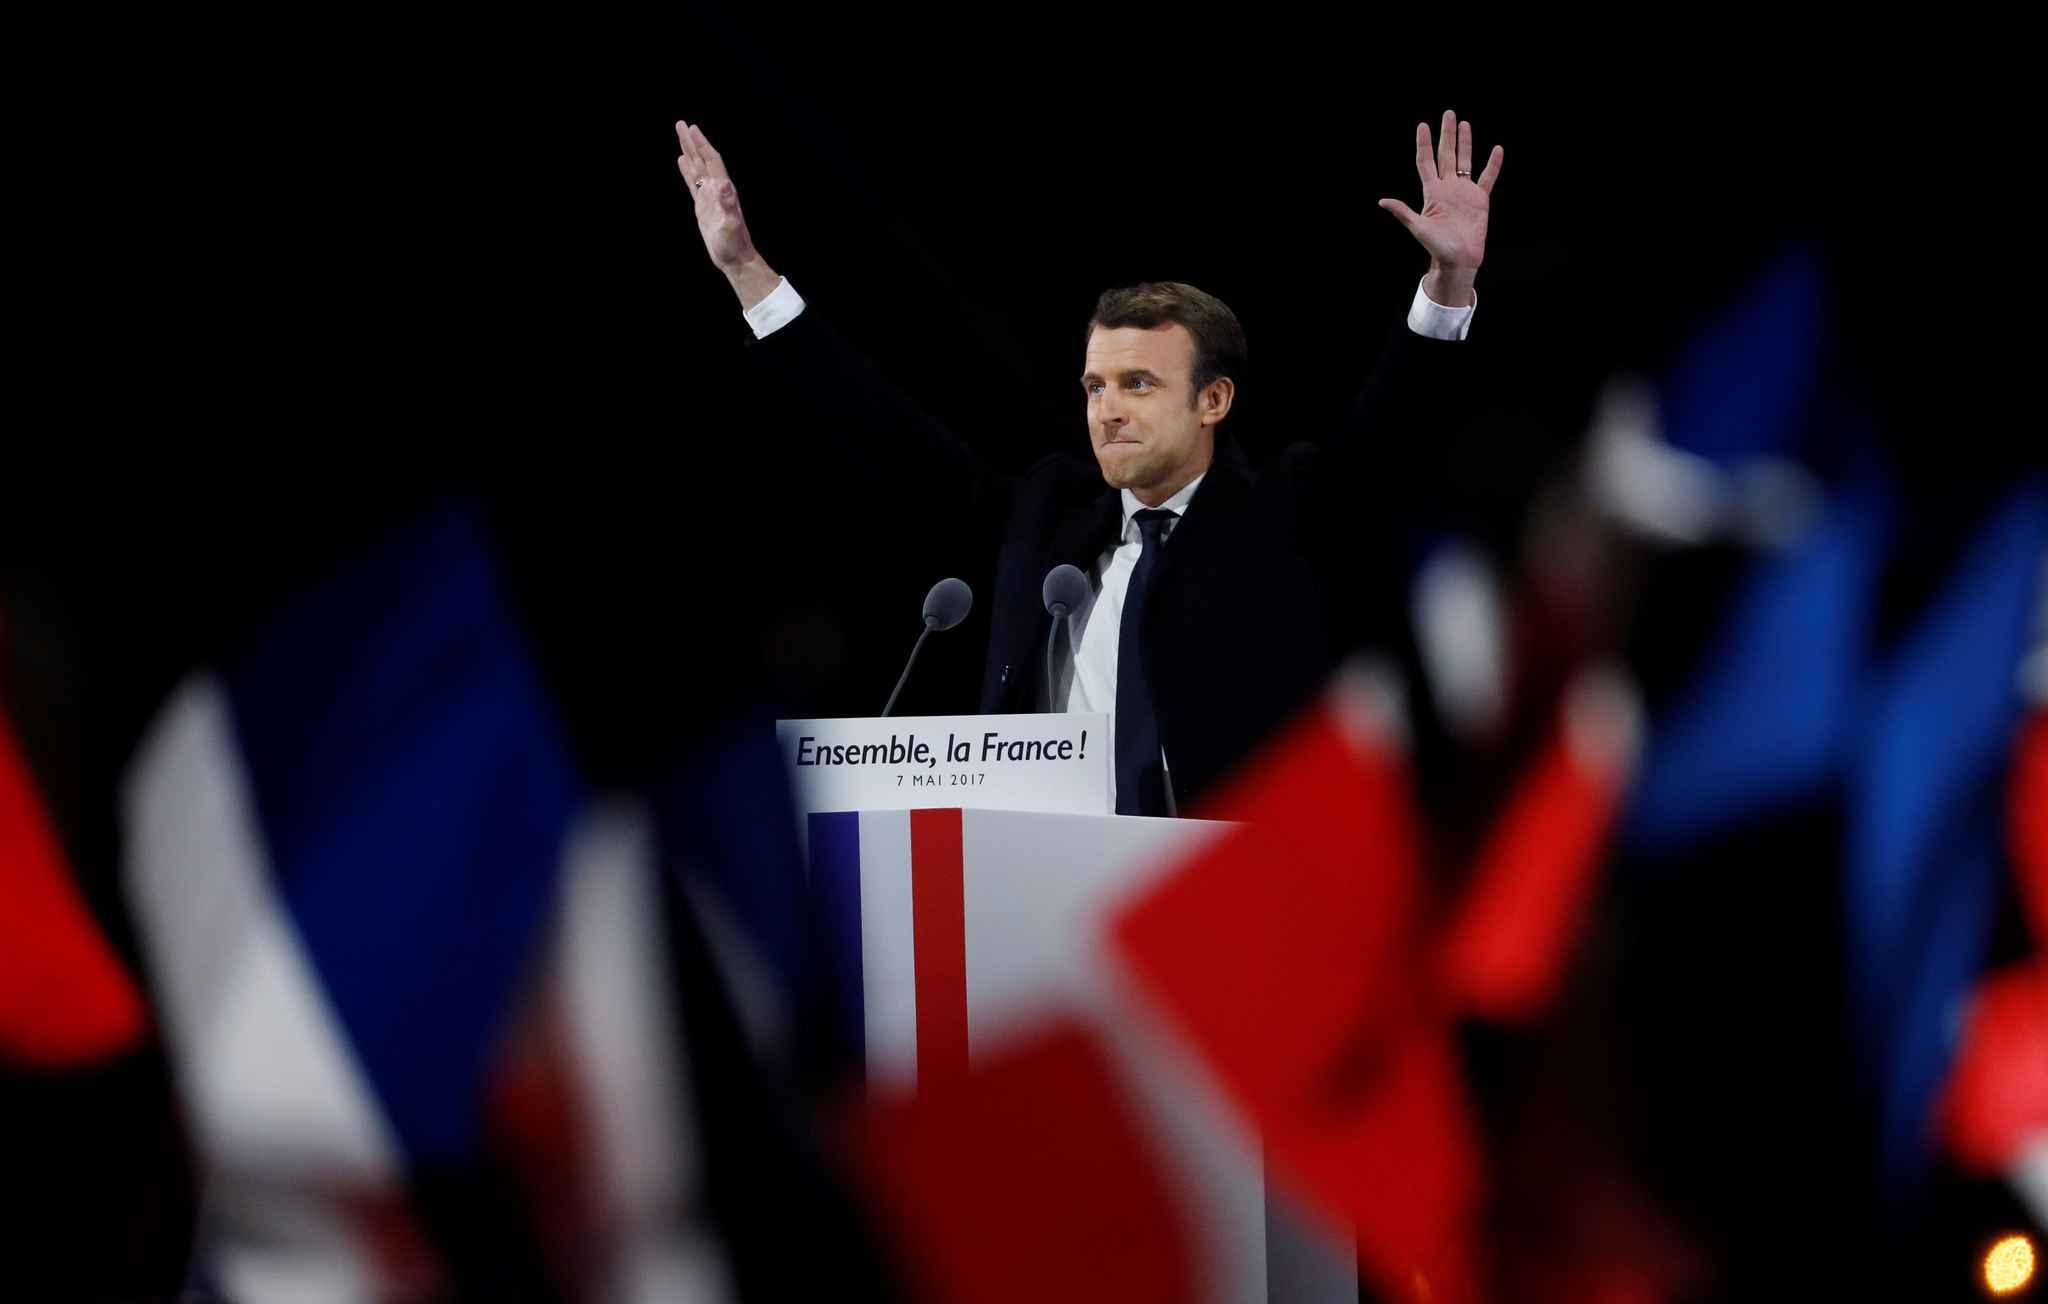 Exclusif ! </br>Les télégrammes reçus par le Président Macron